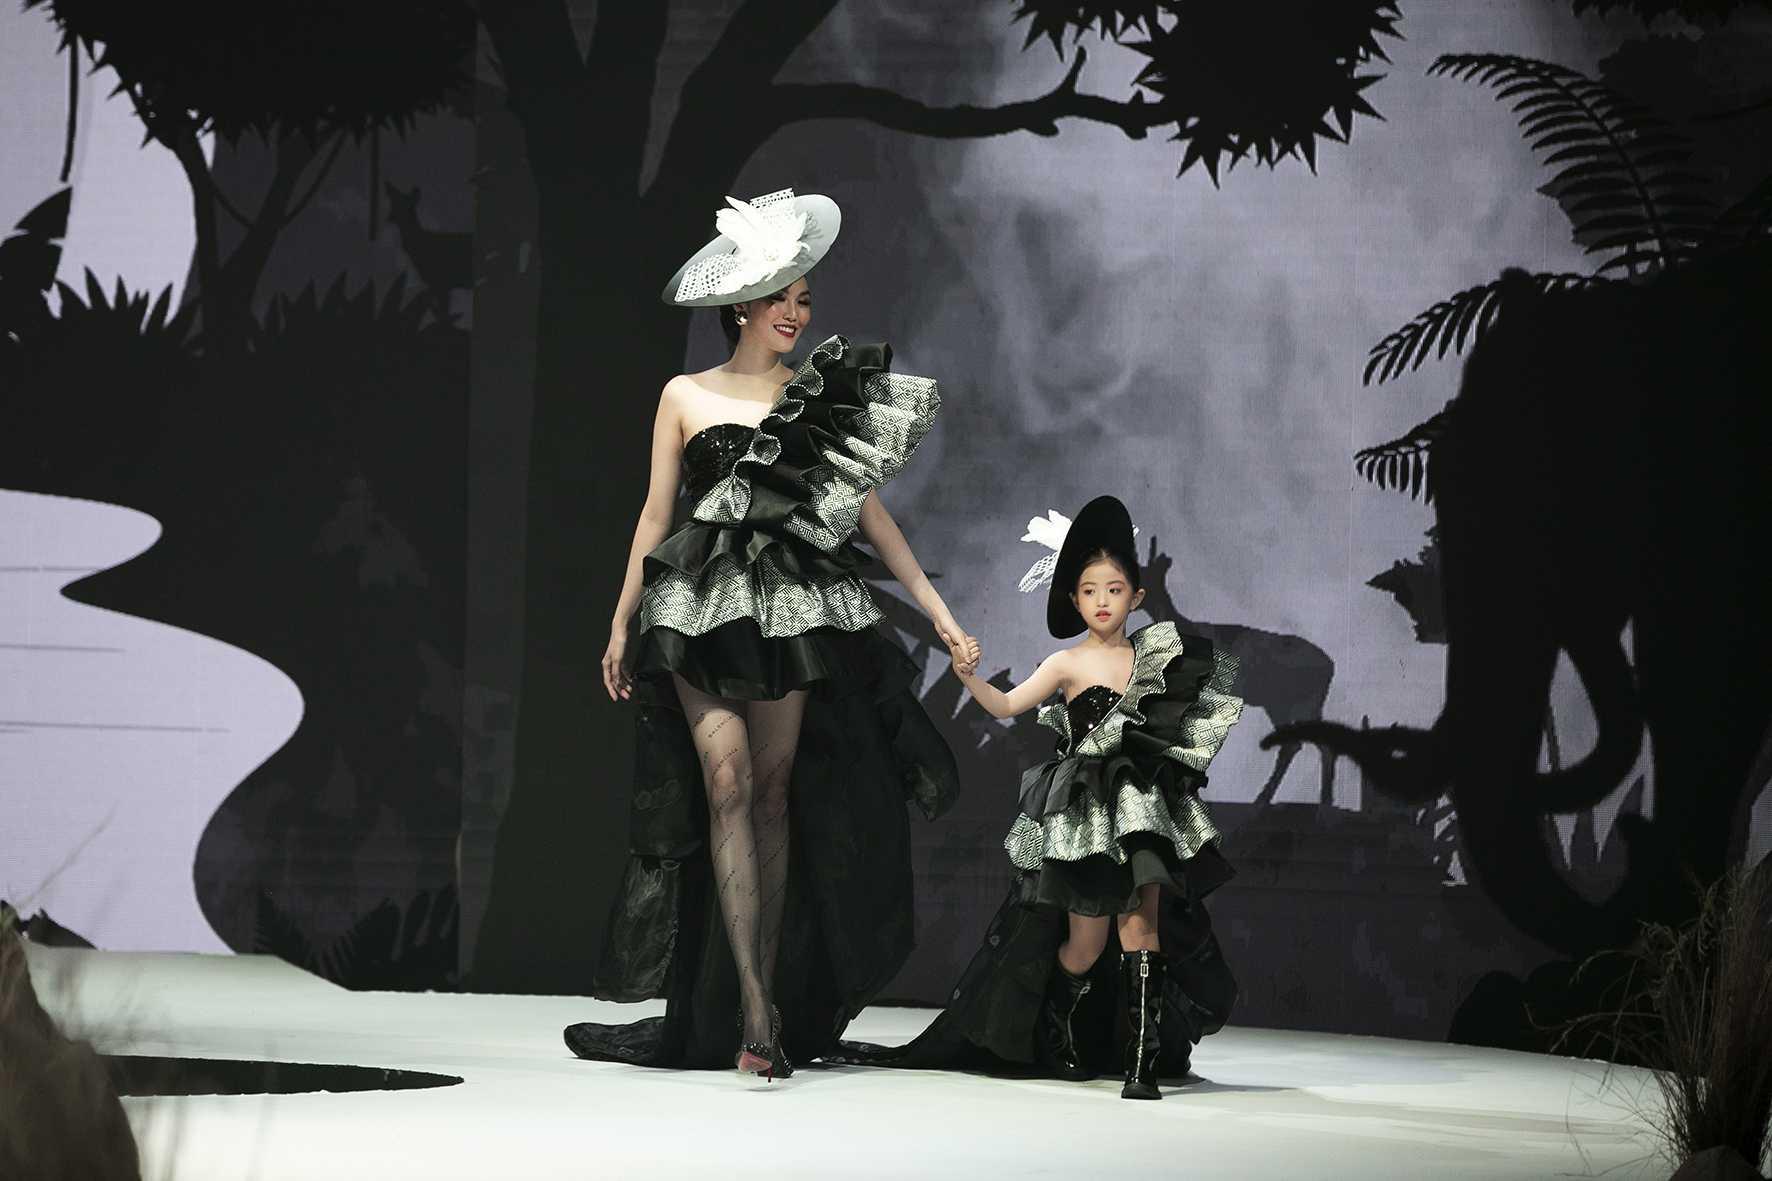 """HH Hương Giang tái xuất sàn catwalk với hình ảnh """"công chúa rừng xanh"""", kết màn cho Tuần lễ thời trang Trẻ em 2020 - Ảnh 13."""